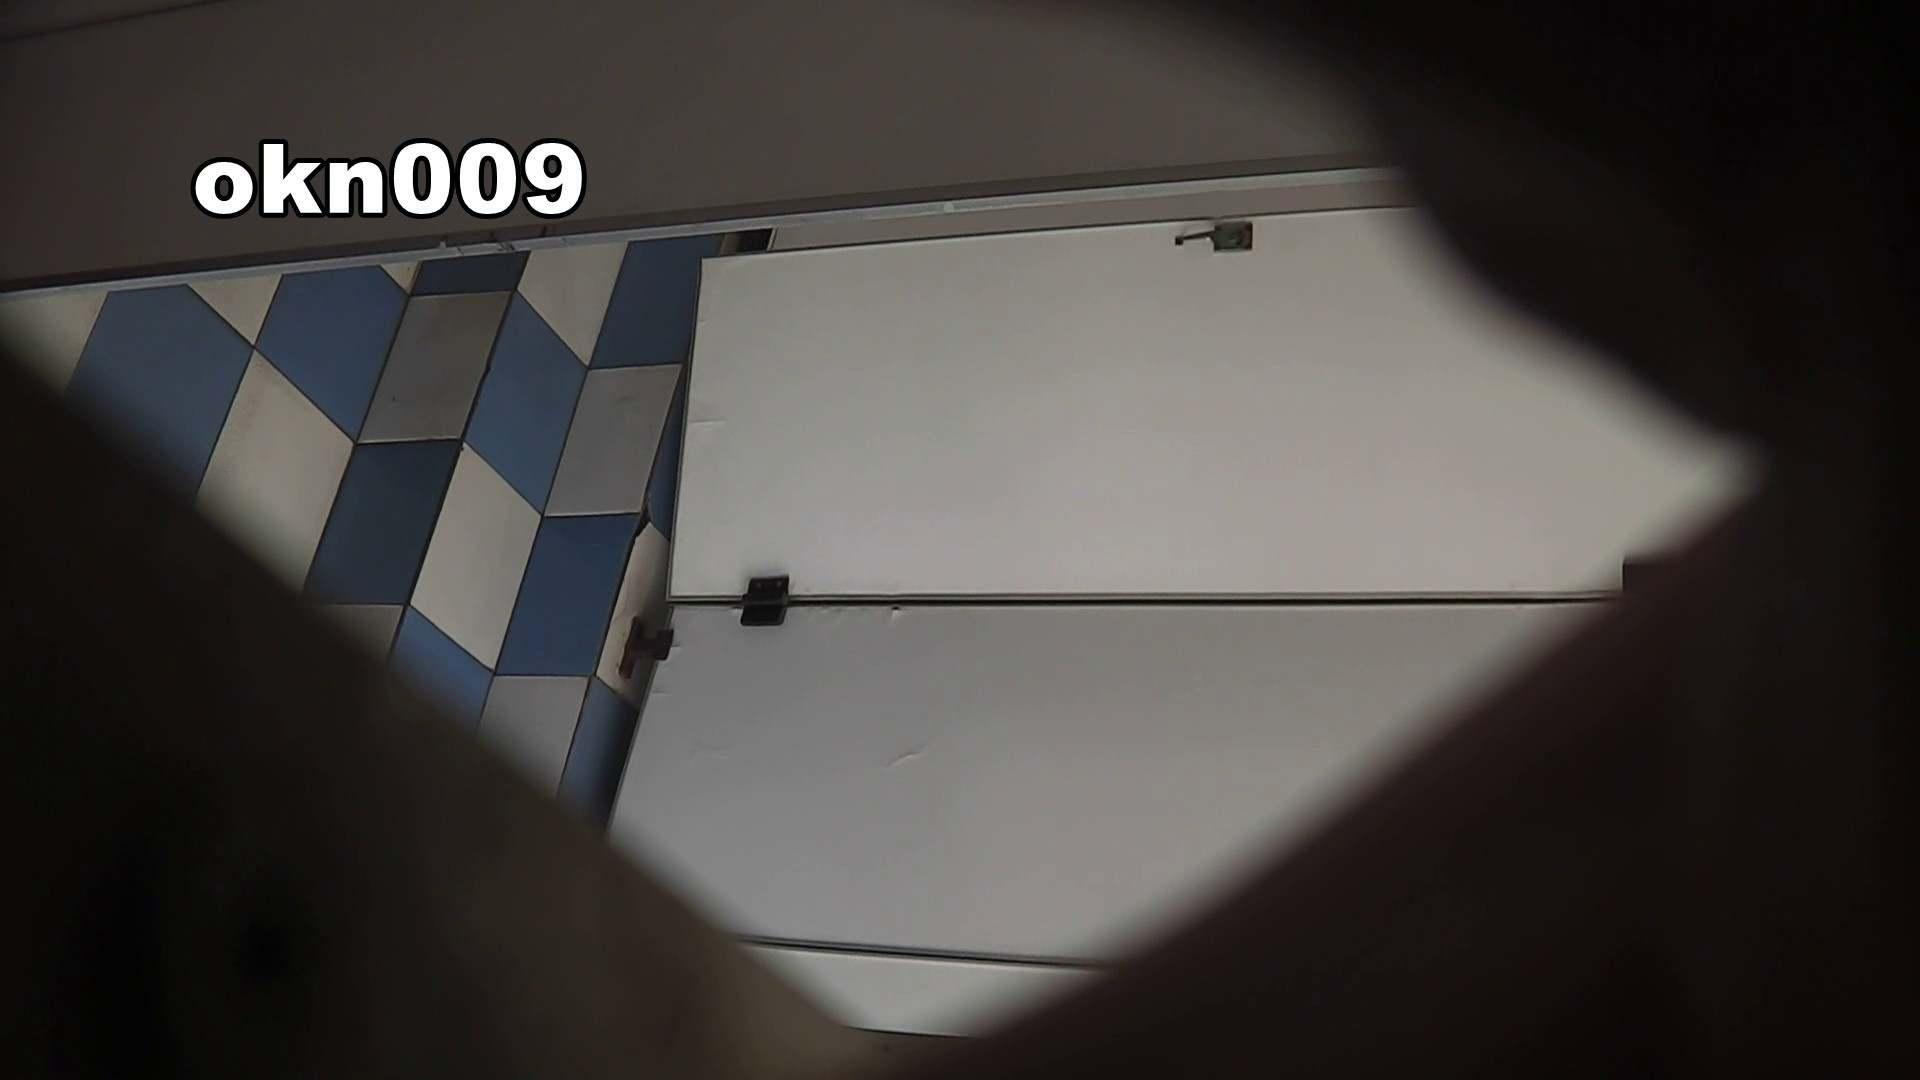 下からノゾム vol.009 リキンでモリアガった割にヒョロ 盛合せ 濡れ場動画紹介 109画像 82